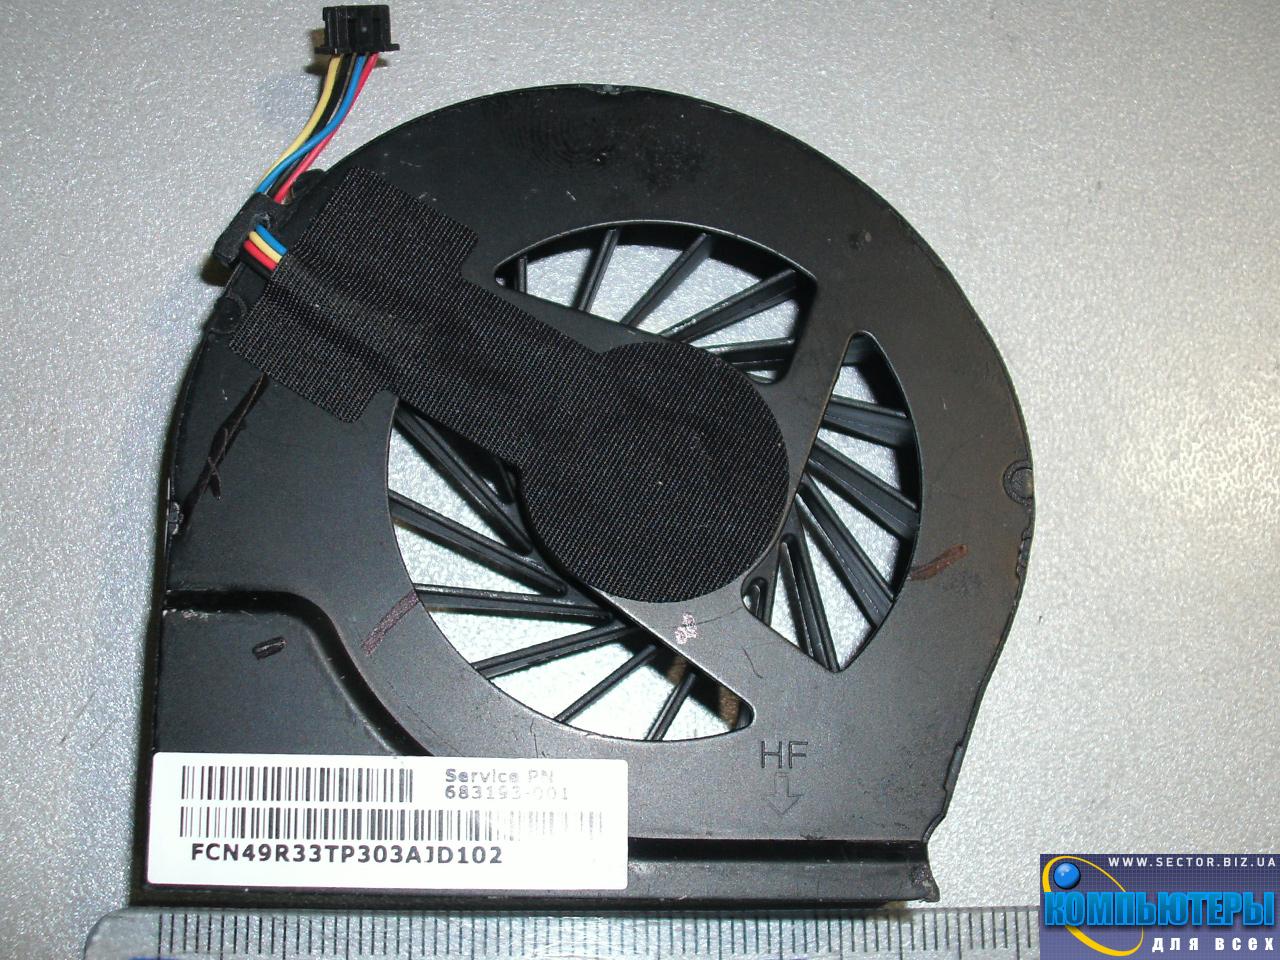 Кулер к ноутбуку HP Pavilion G4-2000 G4-2045TX G4-2006AX G6-2000 G6-2328TX G7-2000 p/n: DFS531205MC0T FB5S 683193-001. Фото № 4.